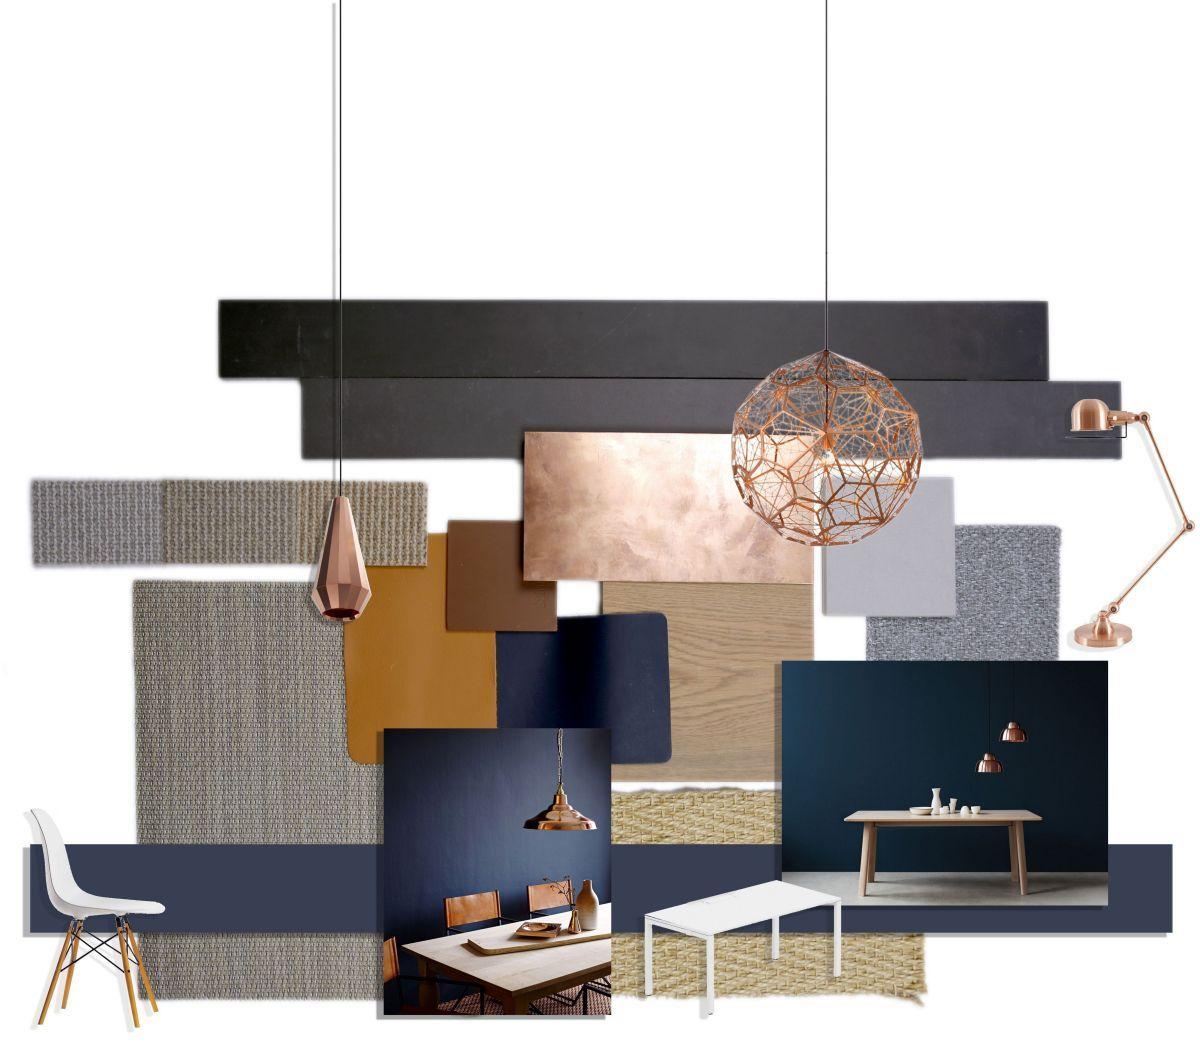 Mustard And Blue Living Room Ideas 37 Inspira Spaces Copper Living Room Blue Living Room Living Room Color Copper living room decor